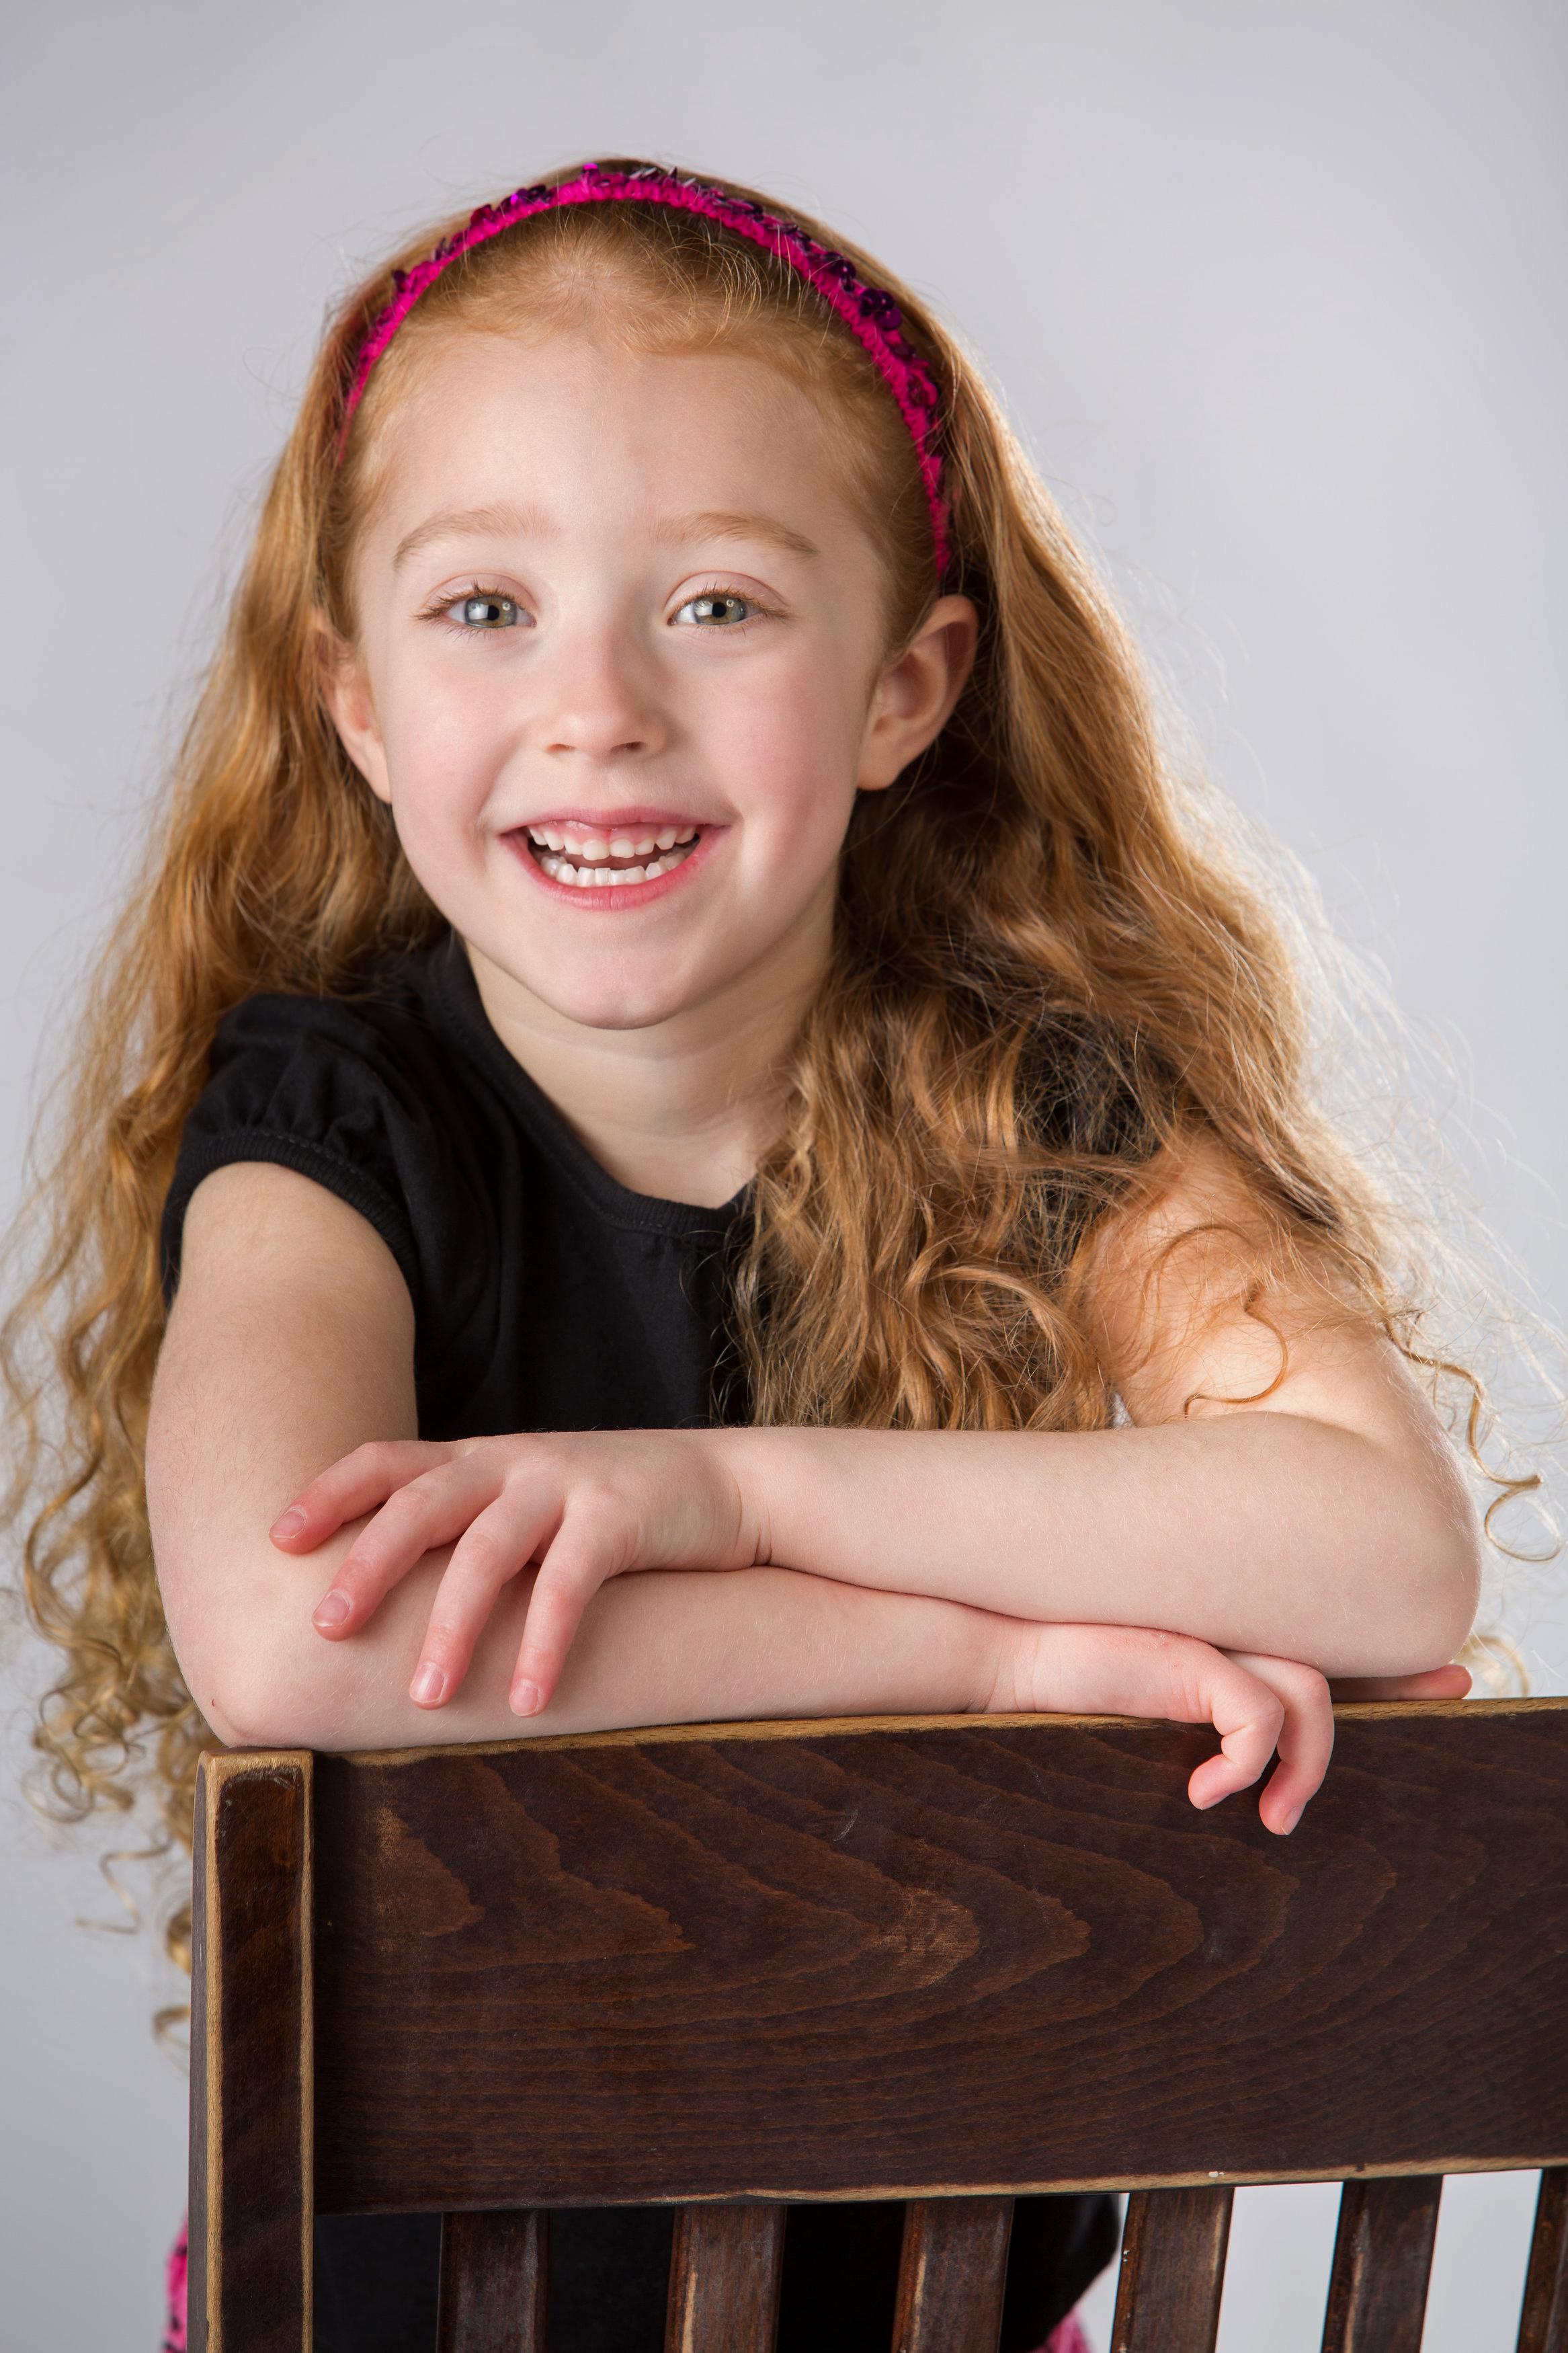 Childrens Studio Portrait